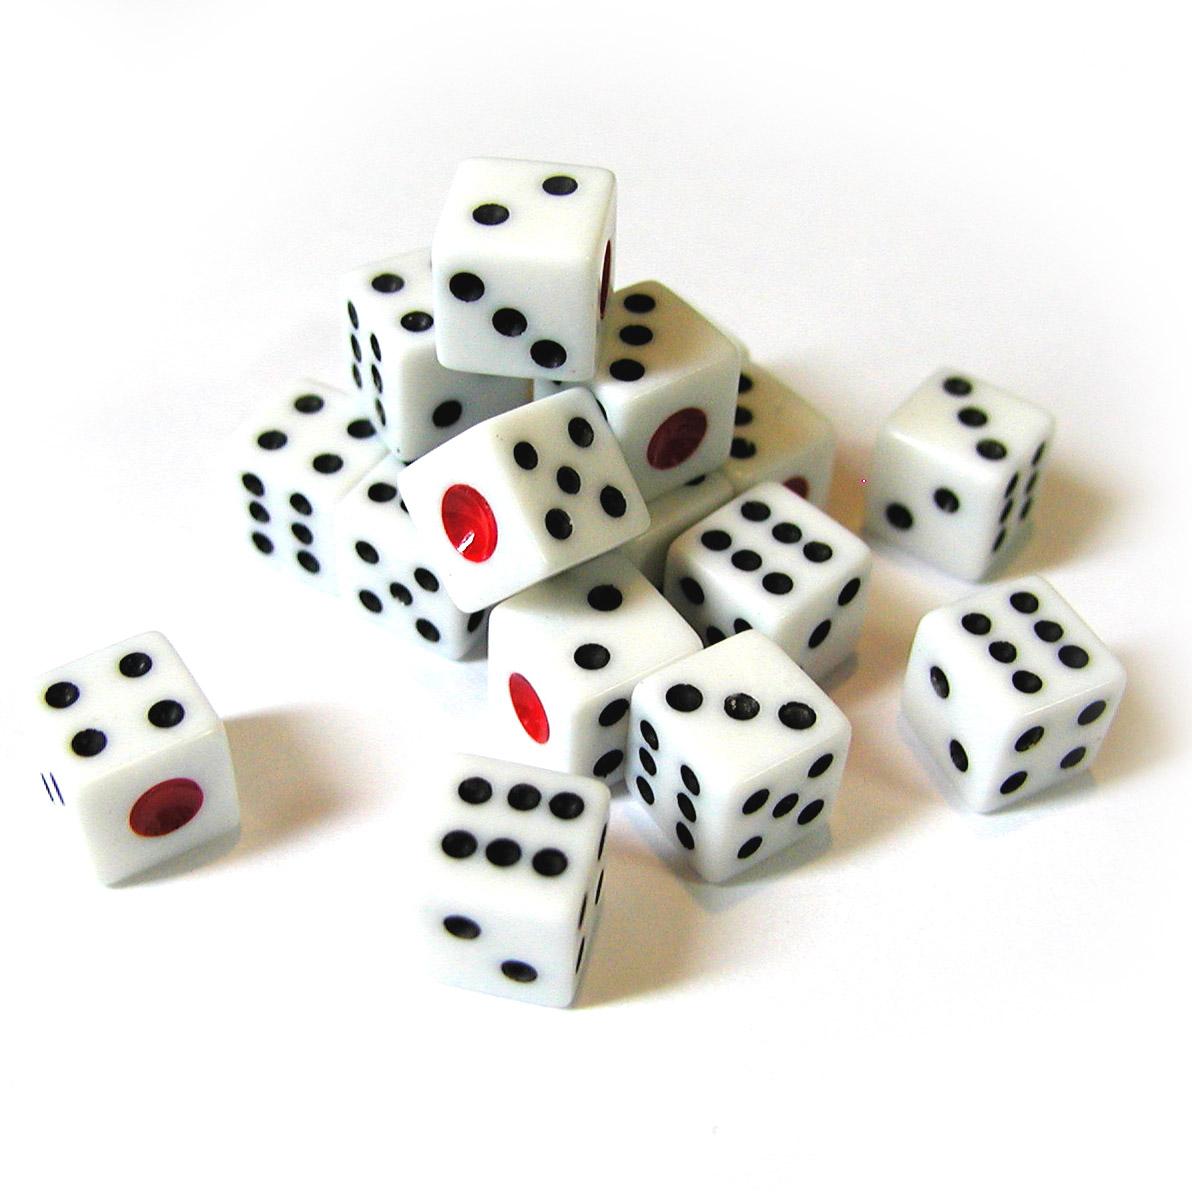 「確率論」の画像検索結果